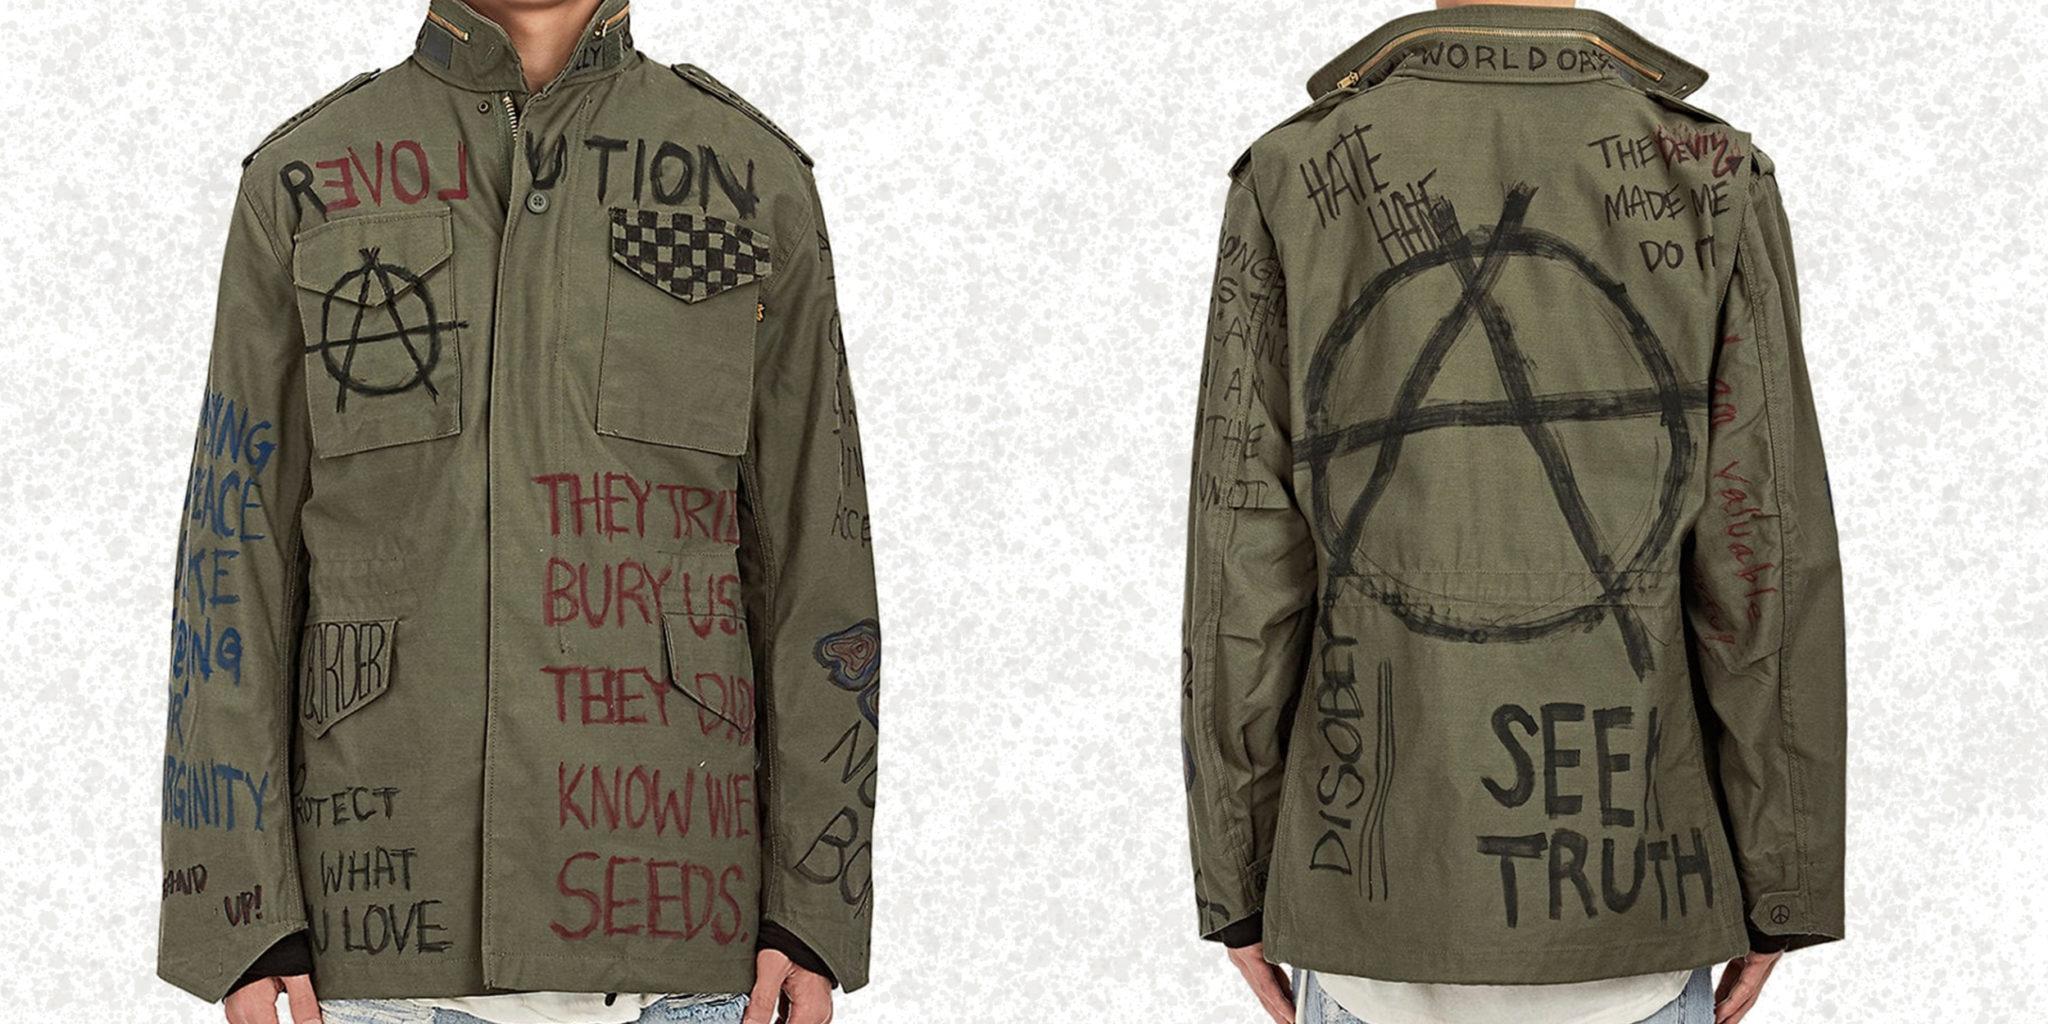 Tényleg százezer forintért árulják ezt az összefirkált anarchista dzsekit